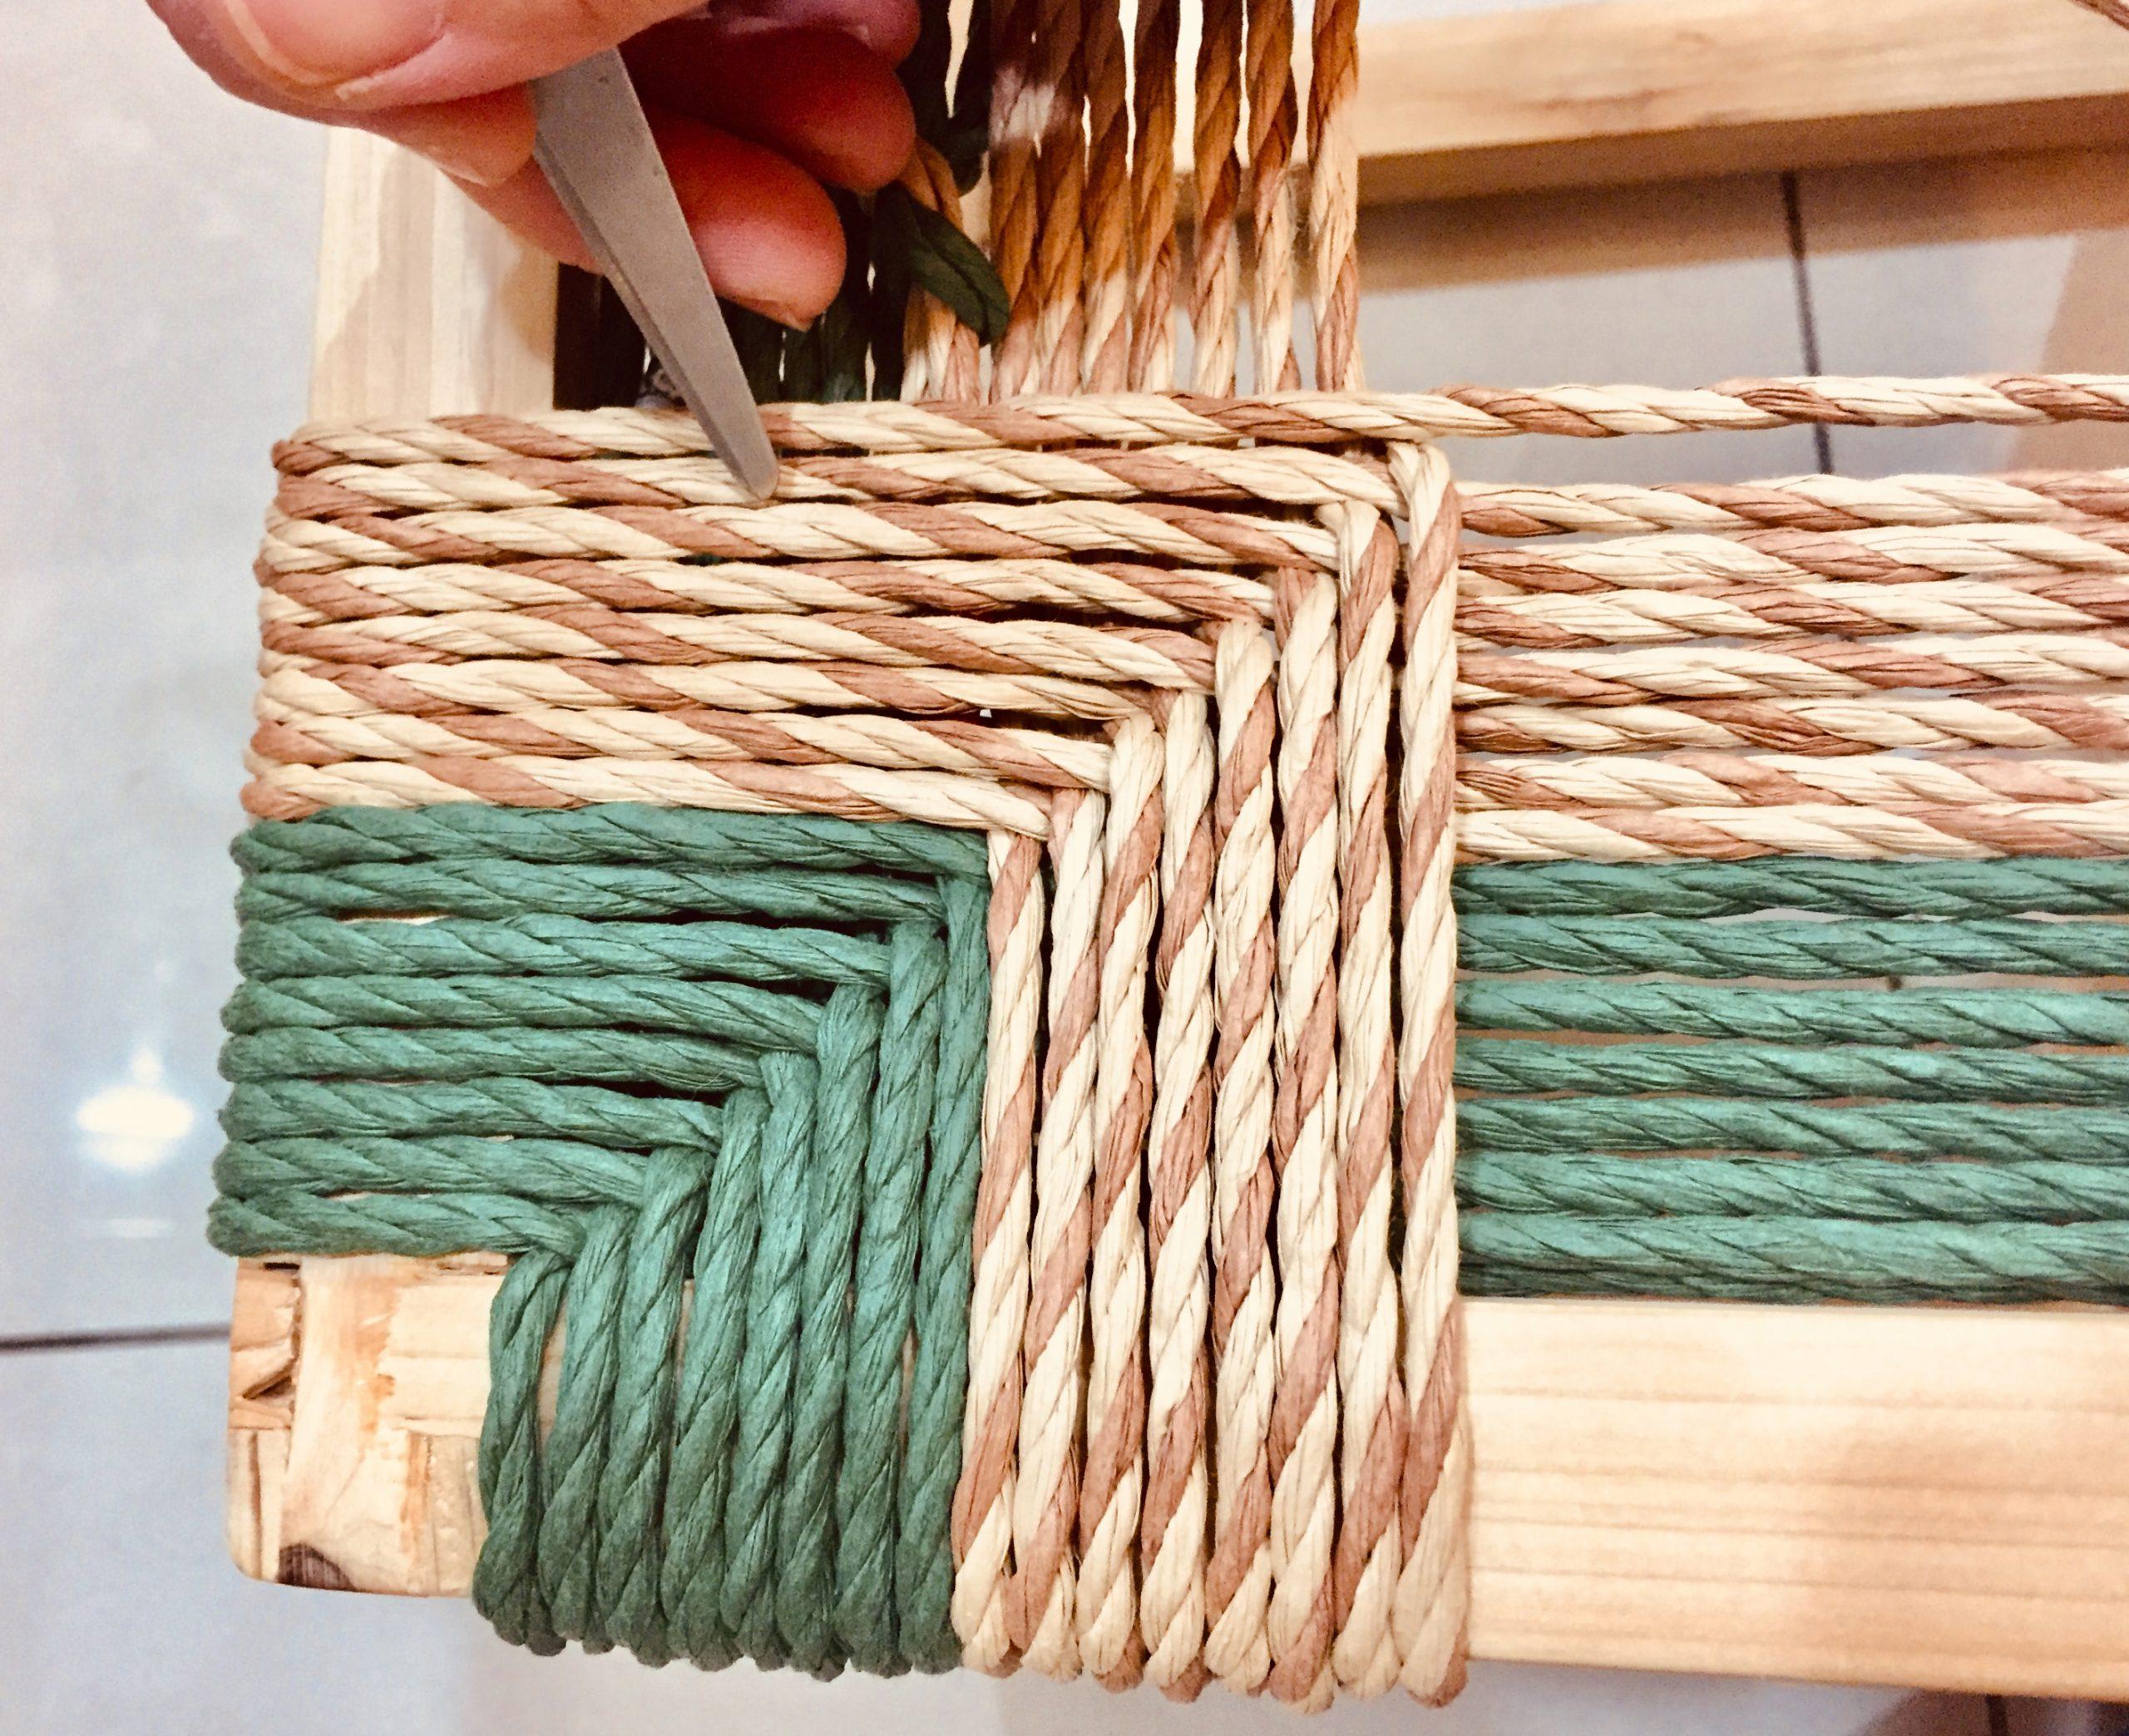 親手自造 梵谷椅面編織(2020年12月課程)